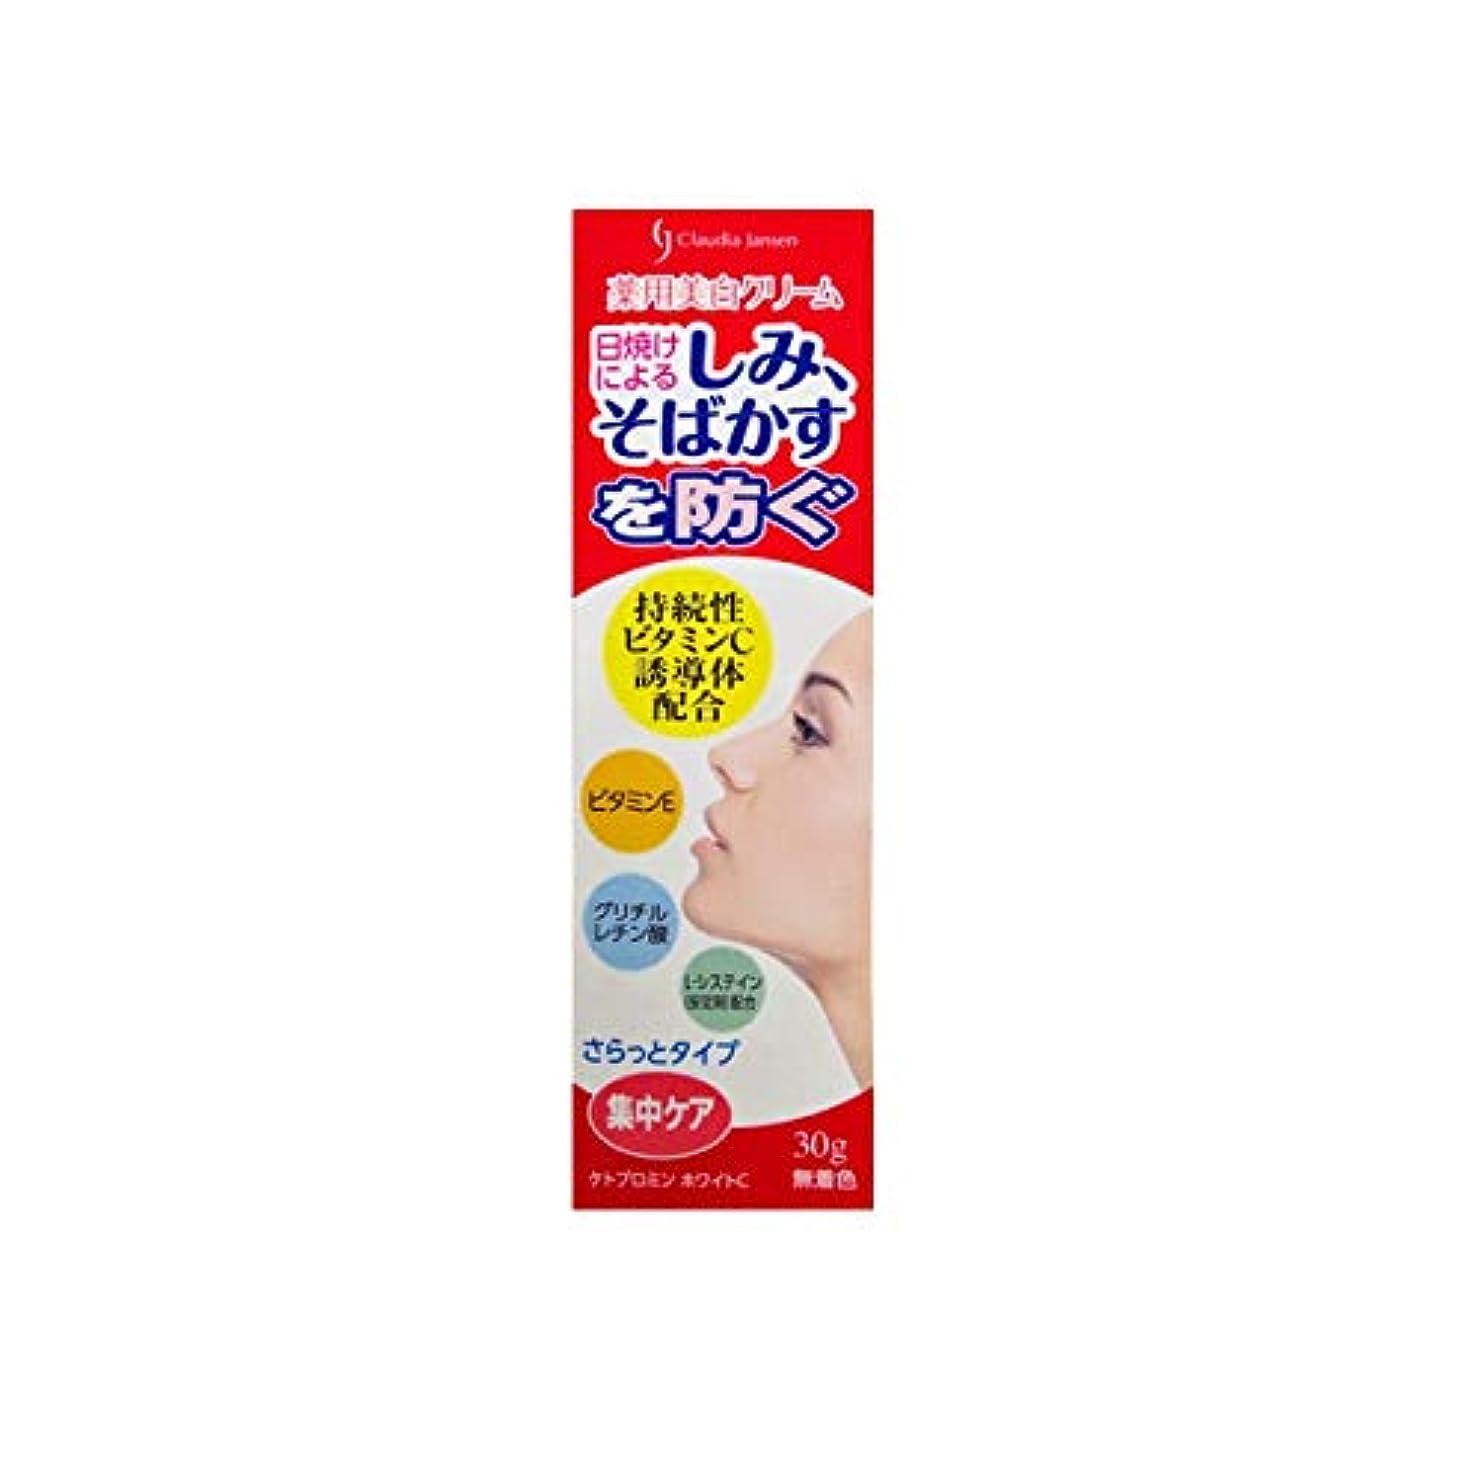 ドール広範囲好意三友薬品 医薬部外品 薬用ホワイトニングクリームC 30g